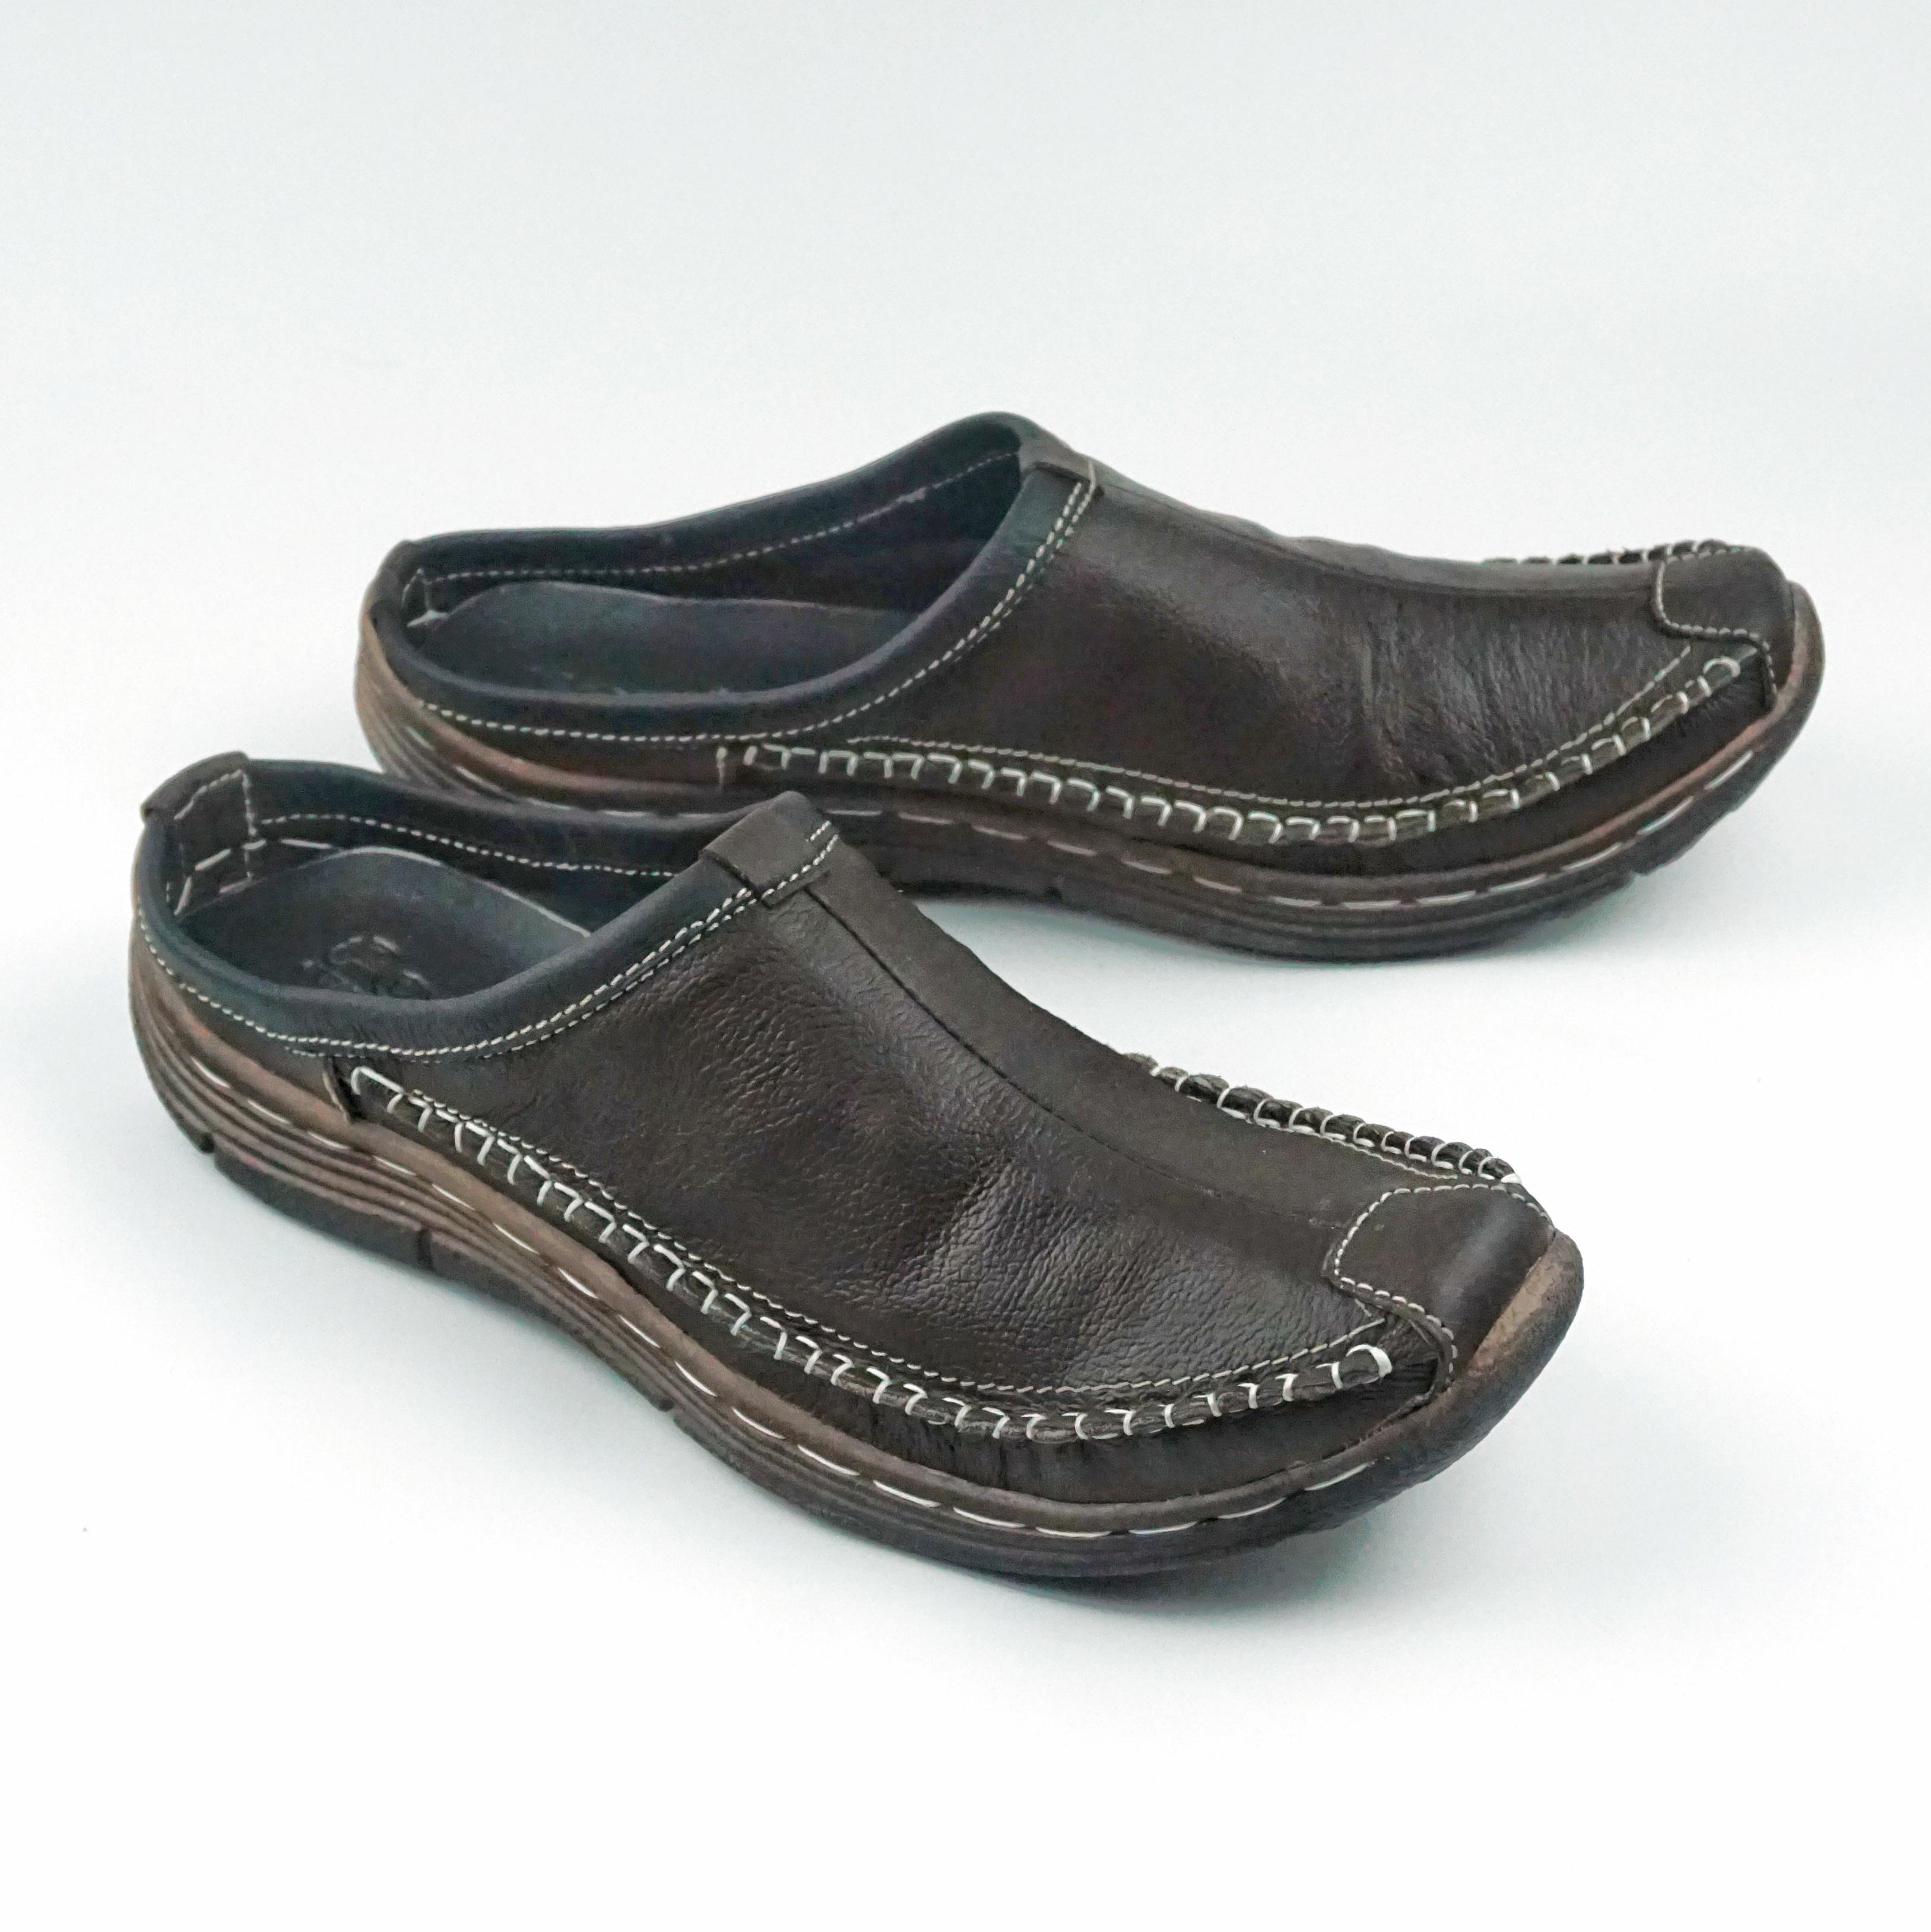 Sendal Sepatu Pria Model Bustong Original Fordza BS01 Sandal Sepatu Kulit  Asli 5f54c8c647